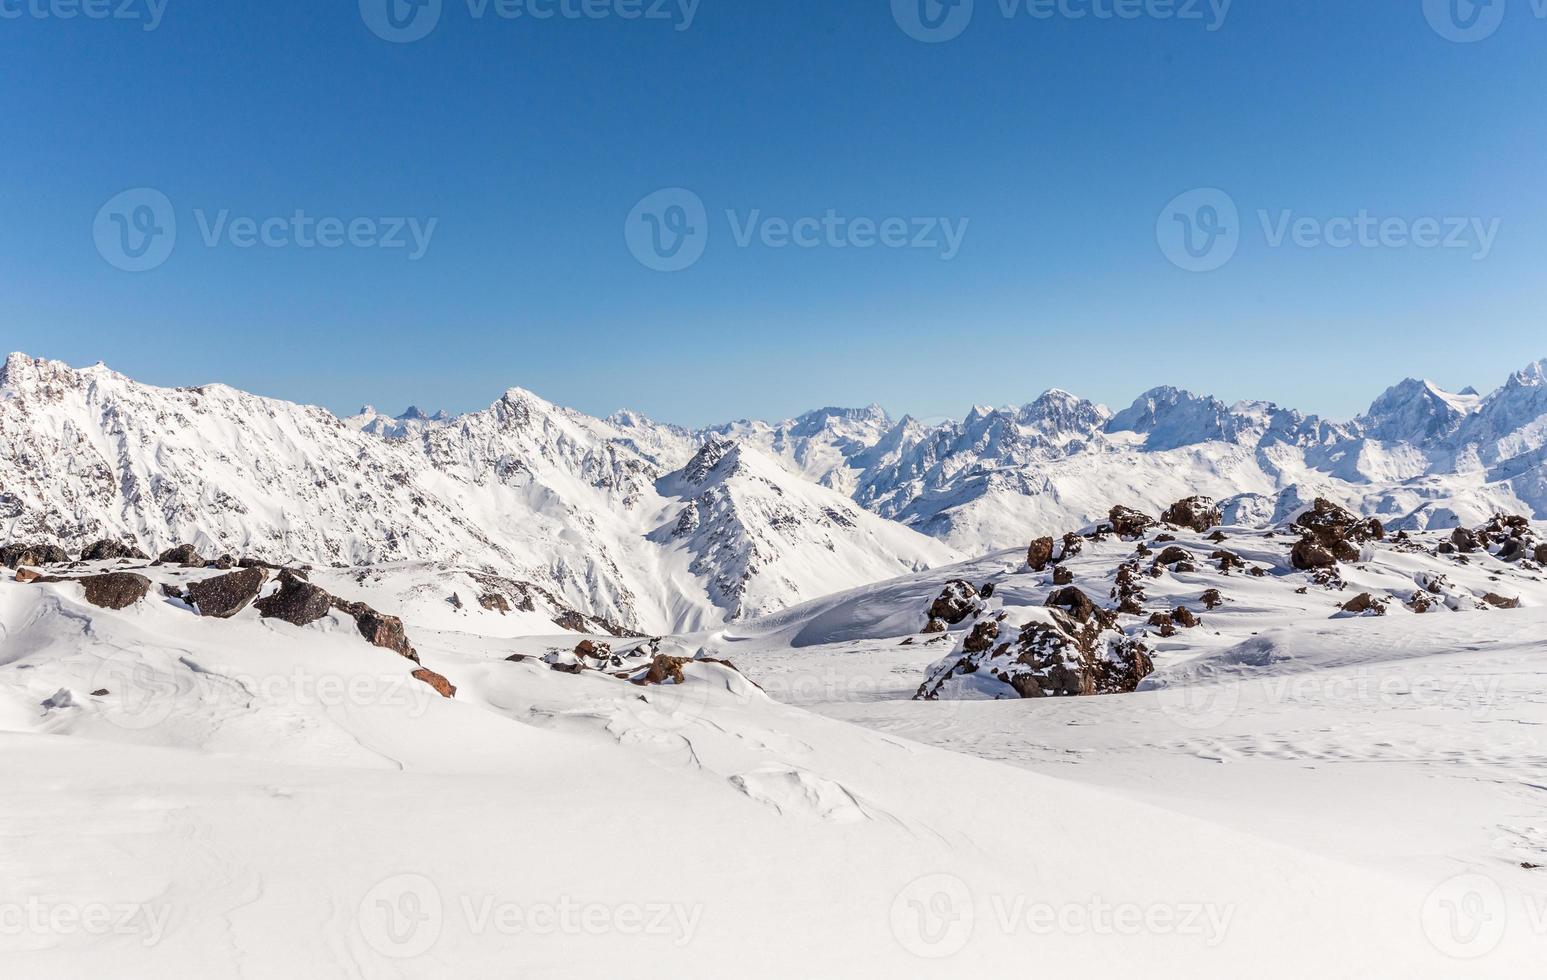 bergen landschap foto